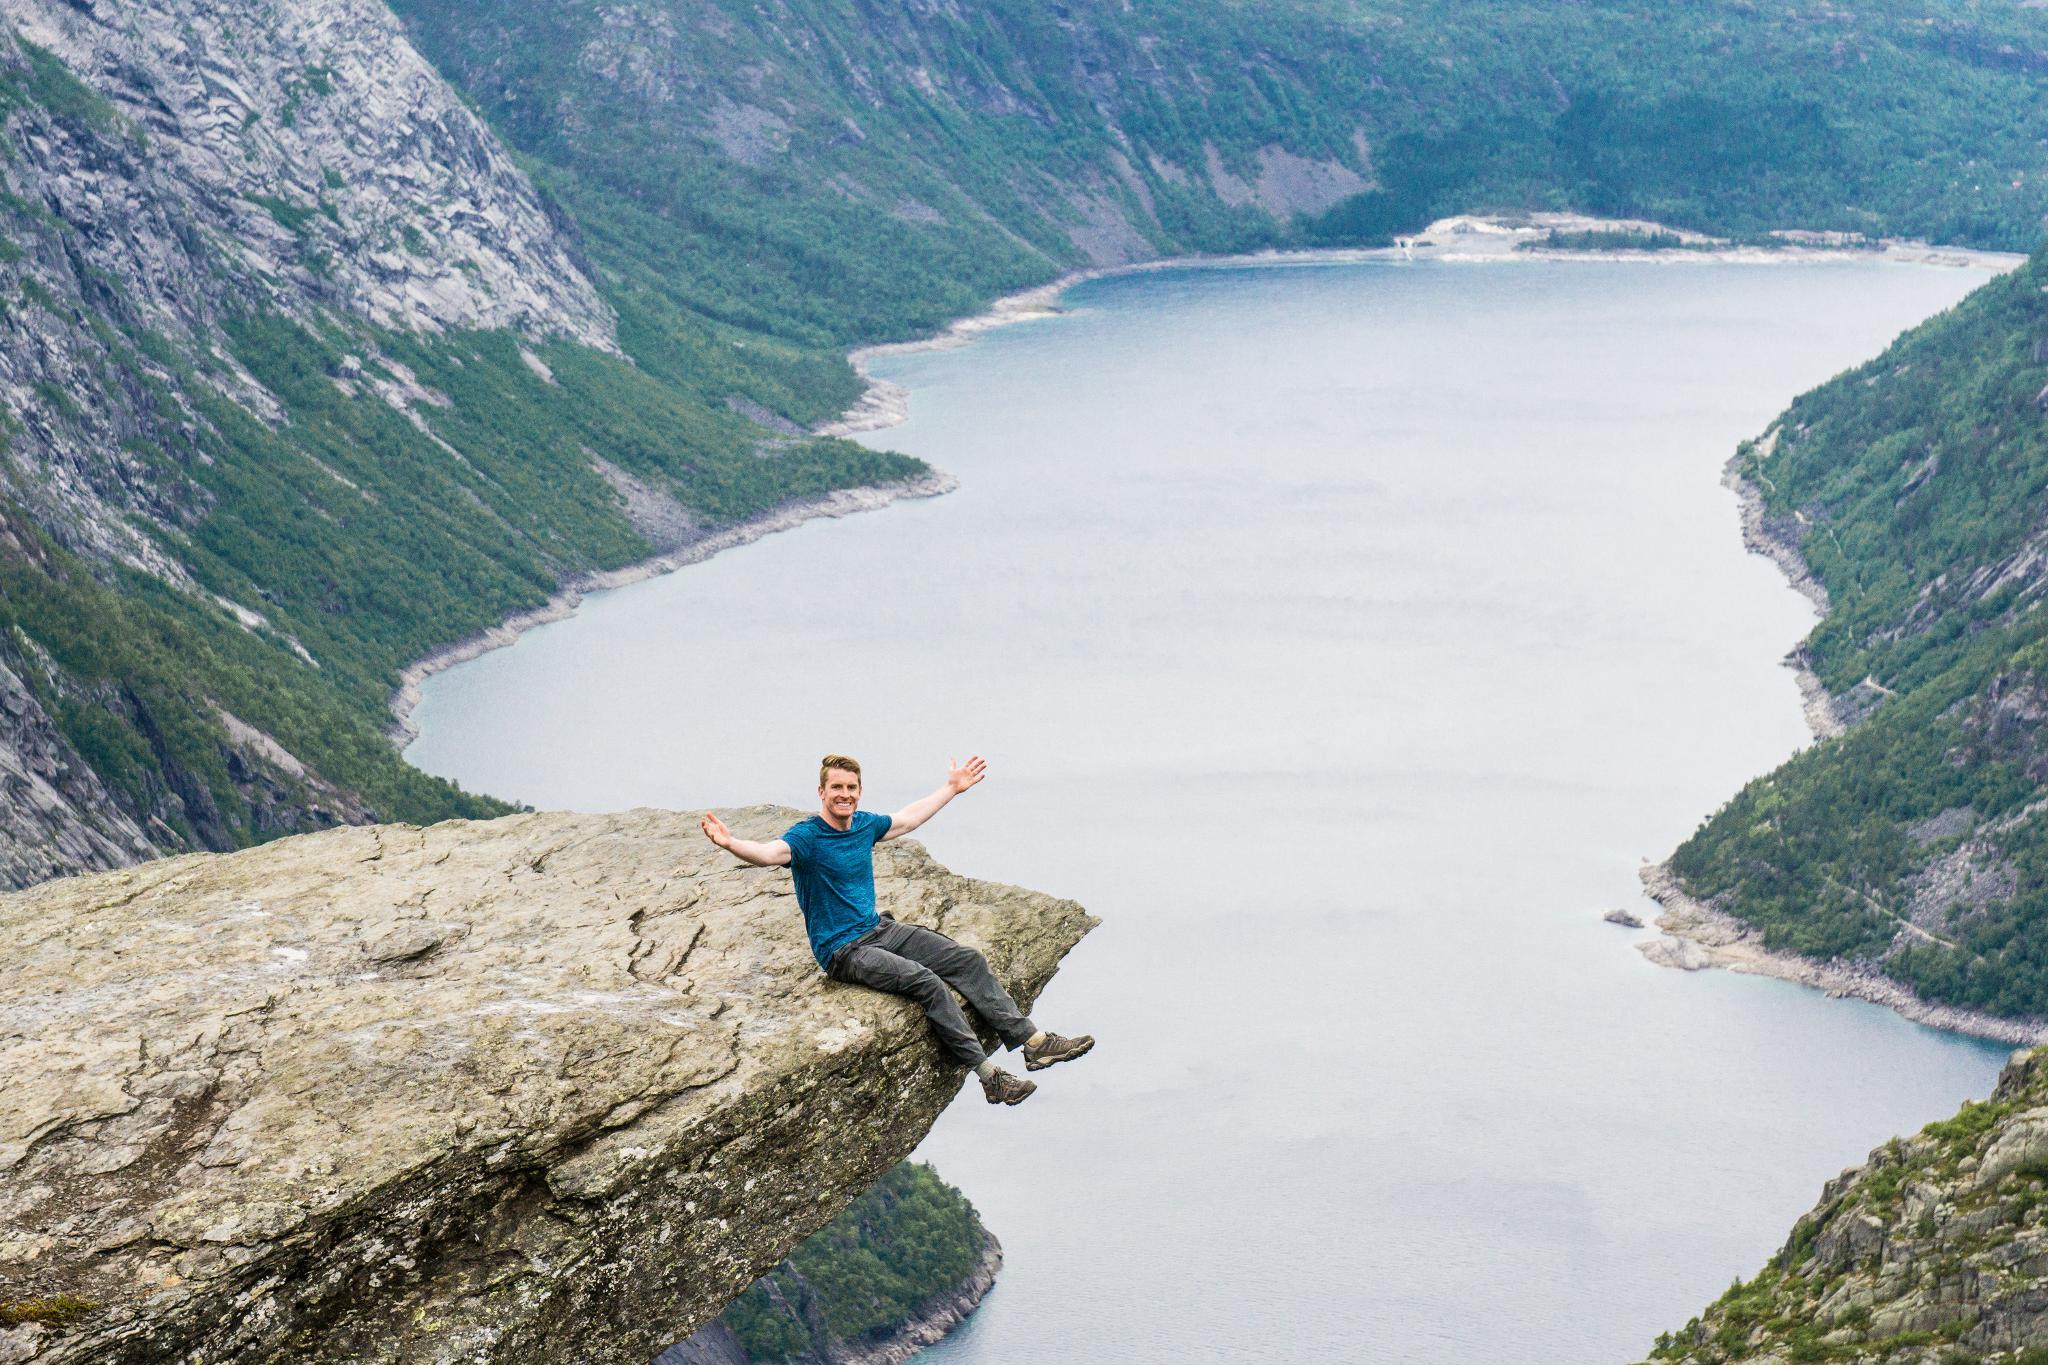 【北歐景點】挪威惡魔之舌 Trolltunga — 28公里健行挑戰全攻略 236